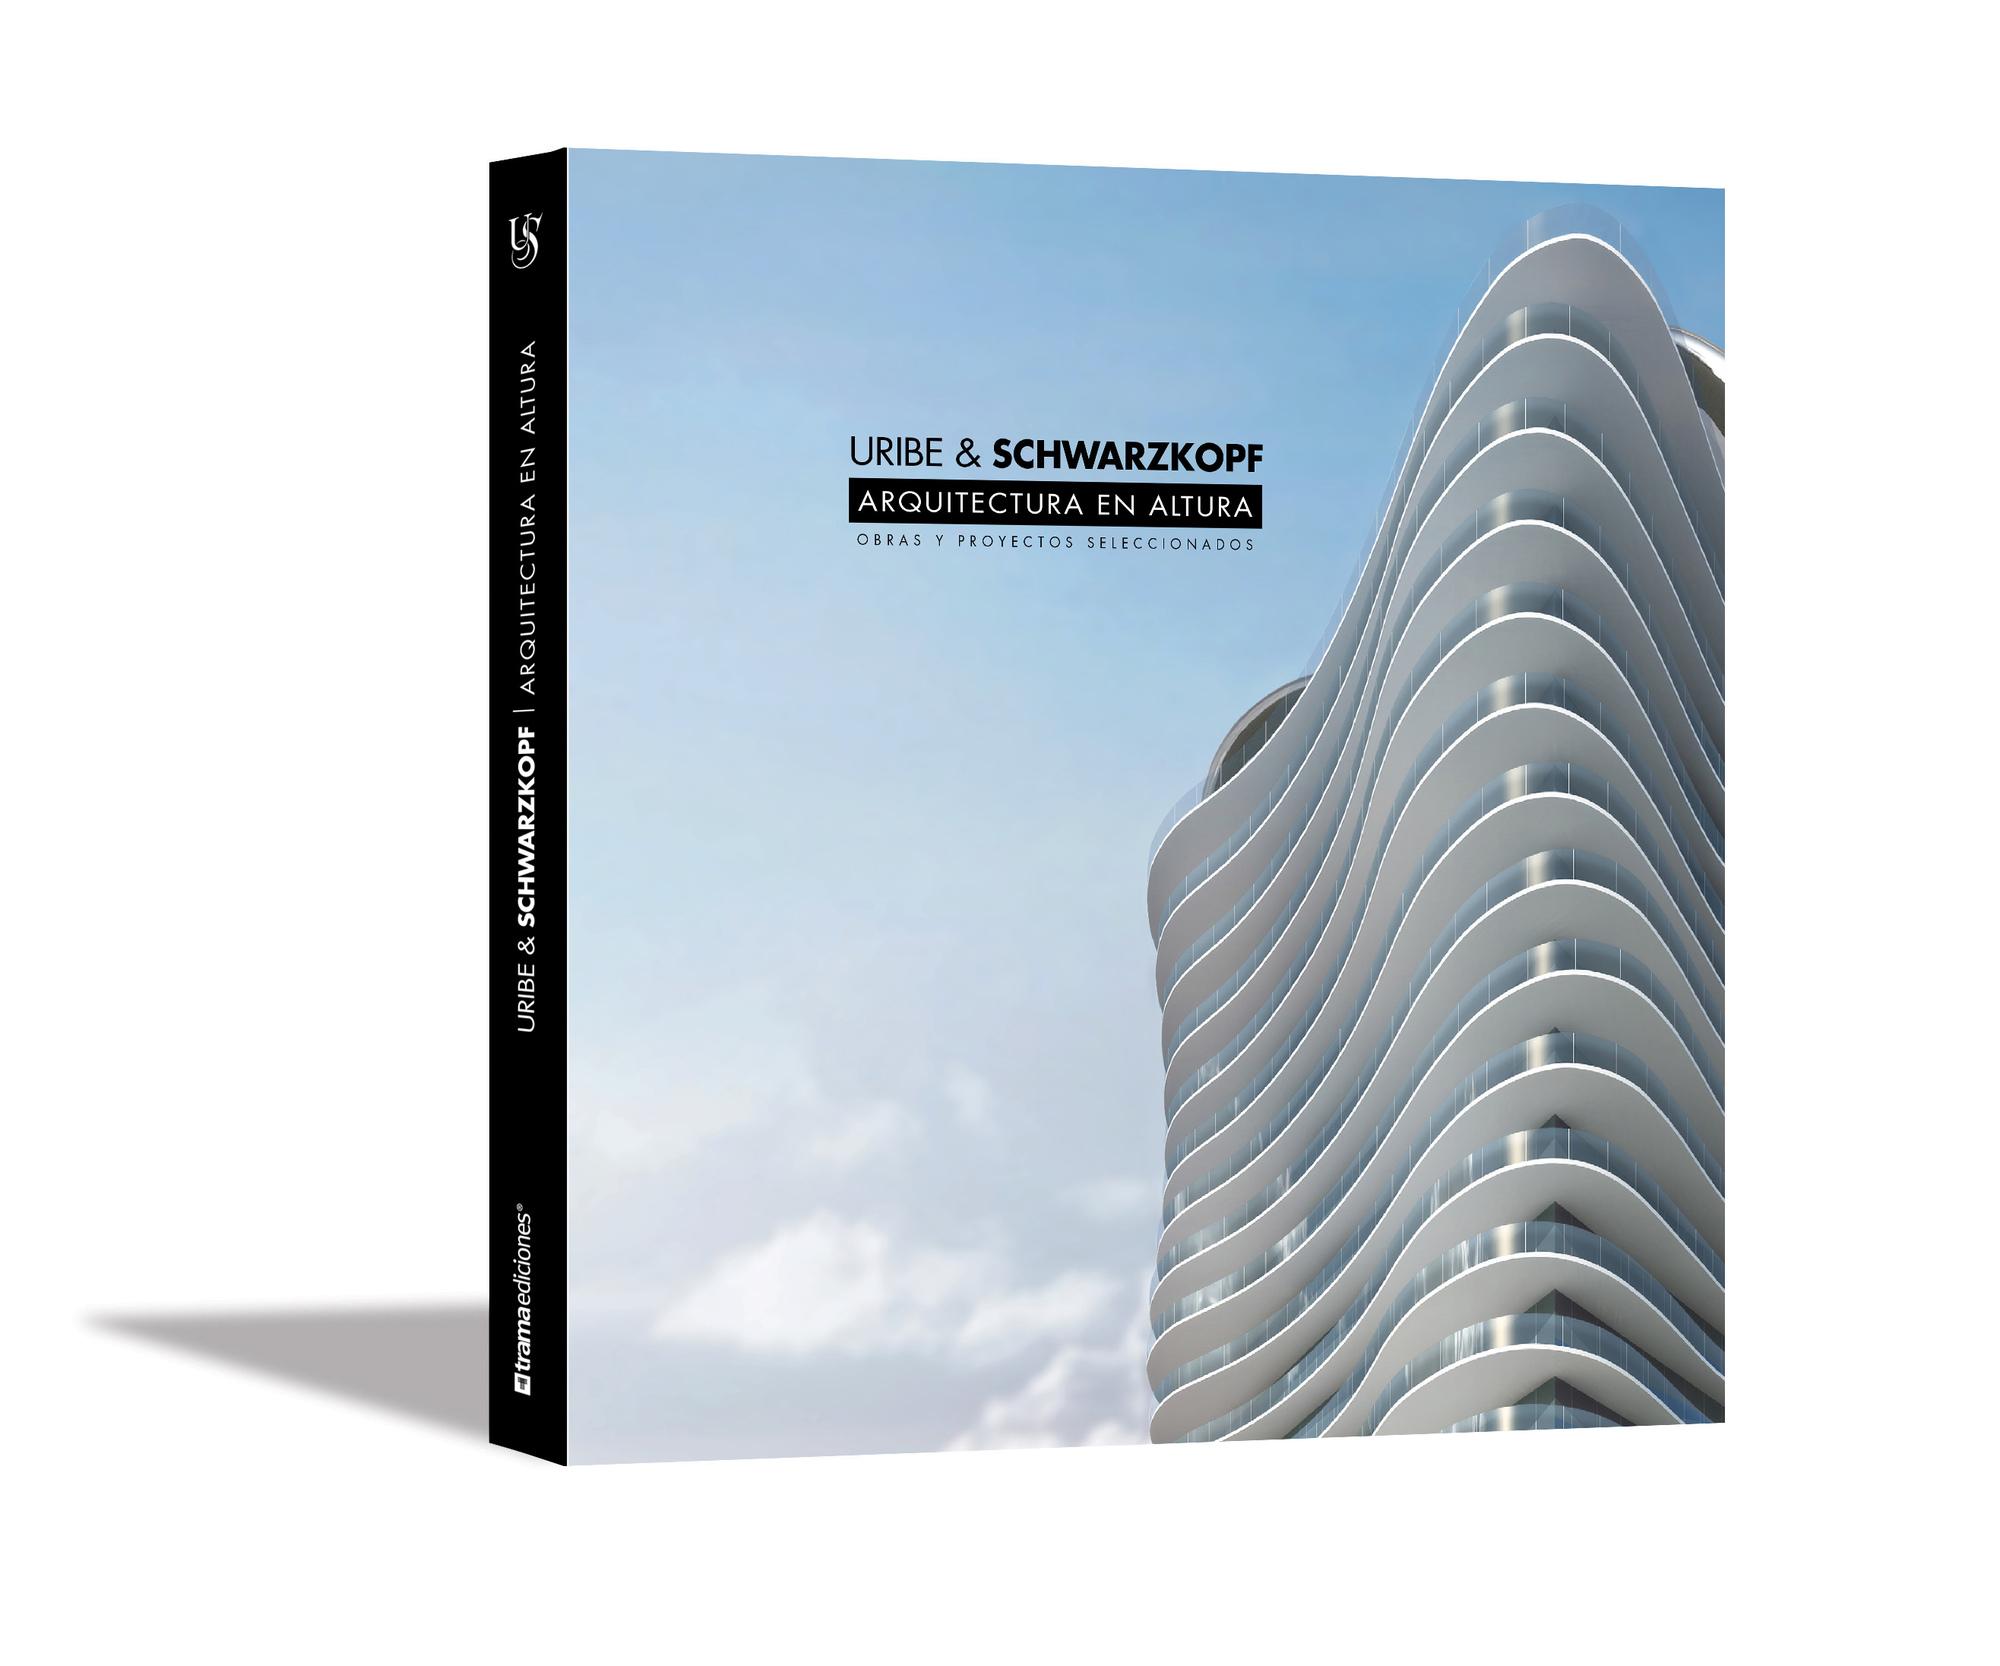 Uribe schwarzkopf arquitectura en altura obras y for Muebles peralta catalogo